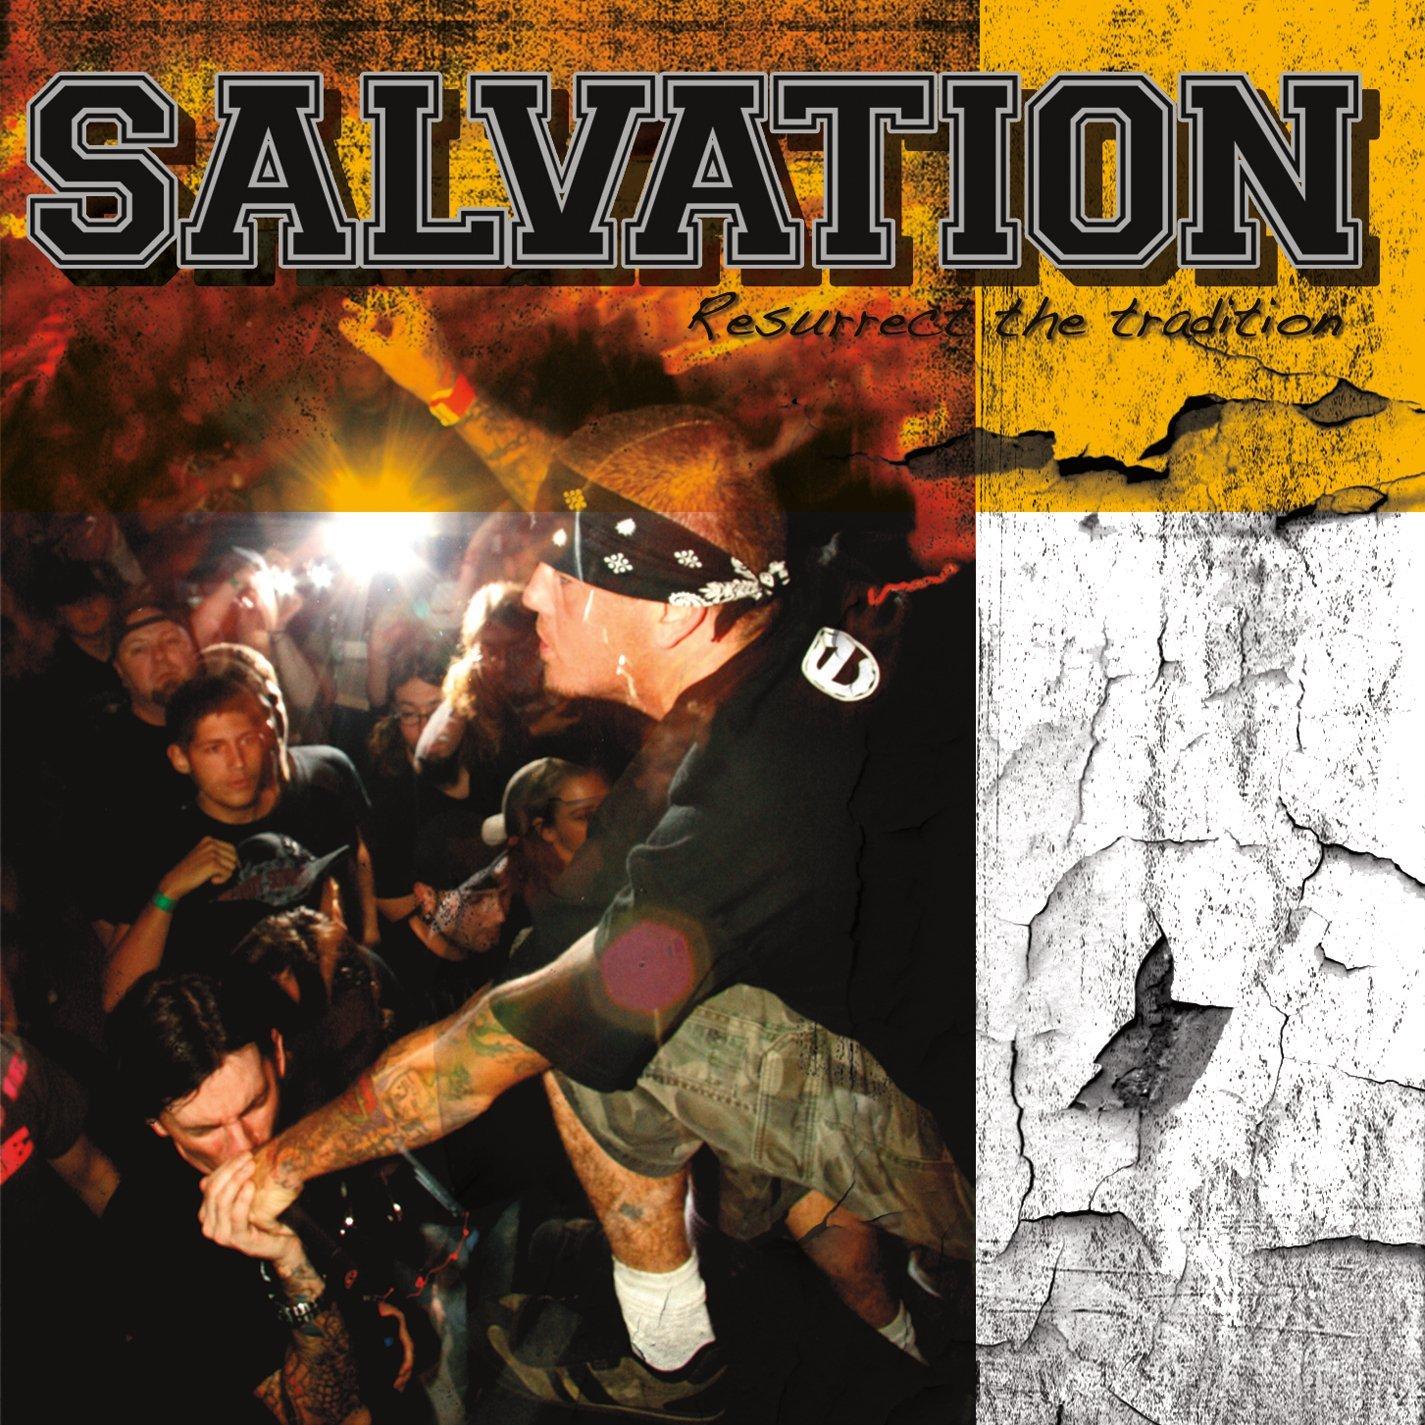 Die neuen Metal-Alben im Januar 2015 - Salvation RESURRECT THE TRADITION